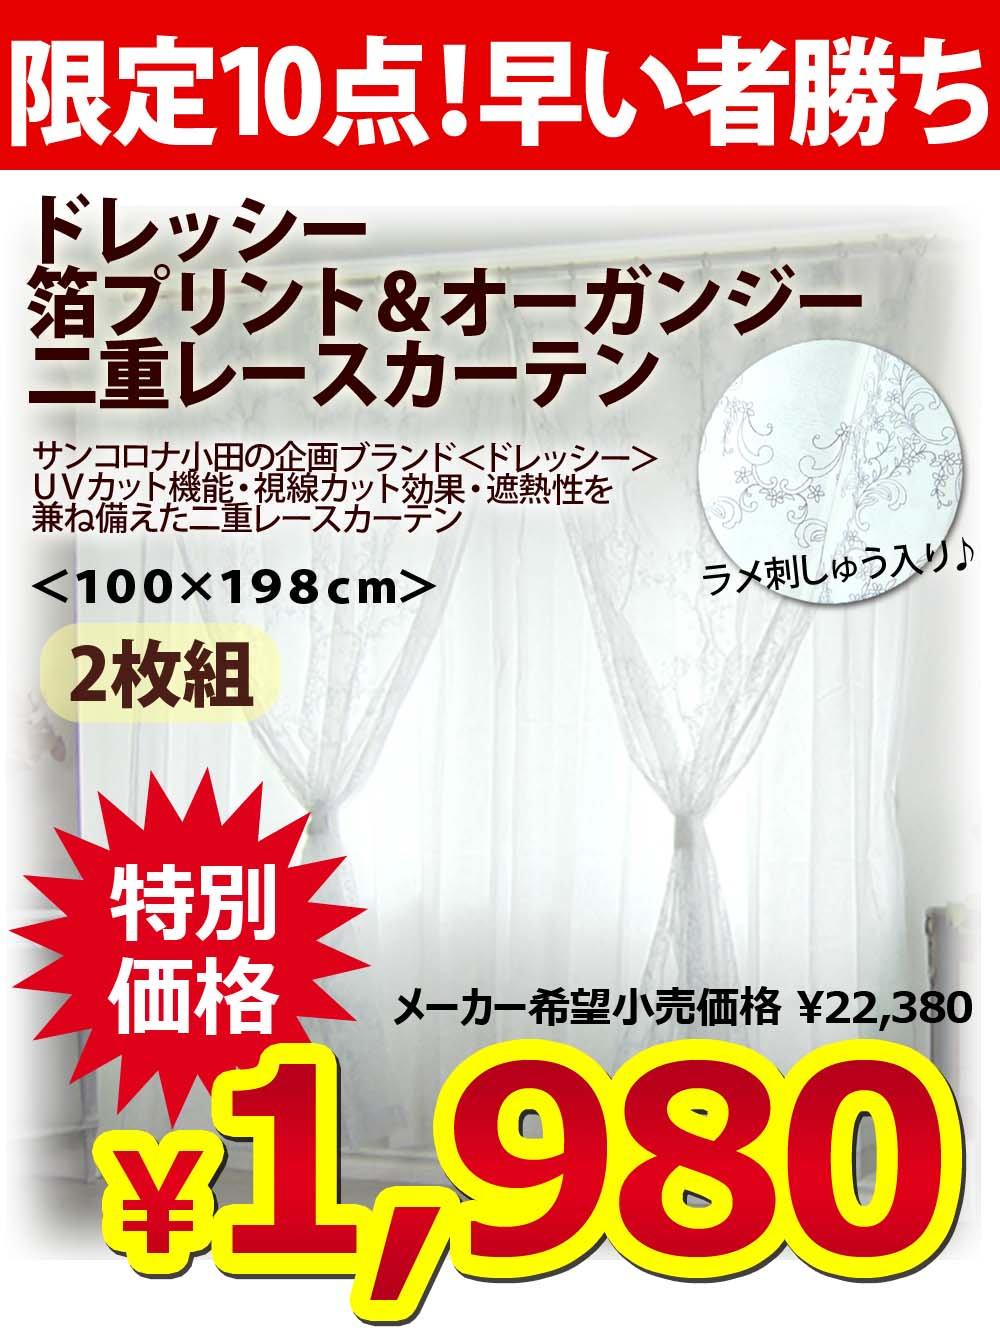 【サンコロナ小田 ドレッシー 二重レースカーテン】UV・視線・視線カット 2枚組<100×198cm>1980円